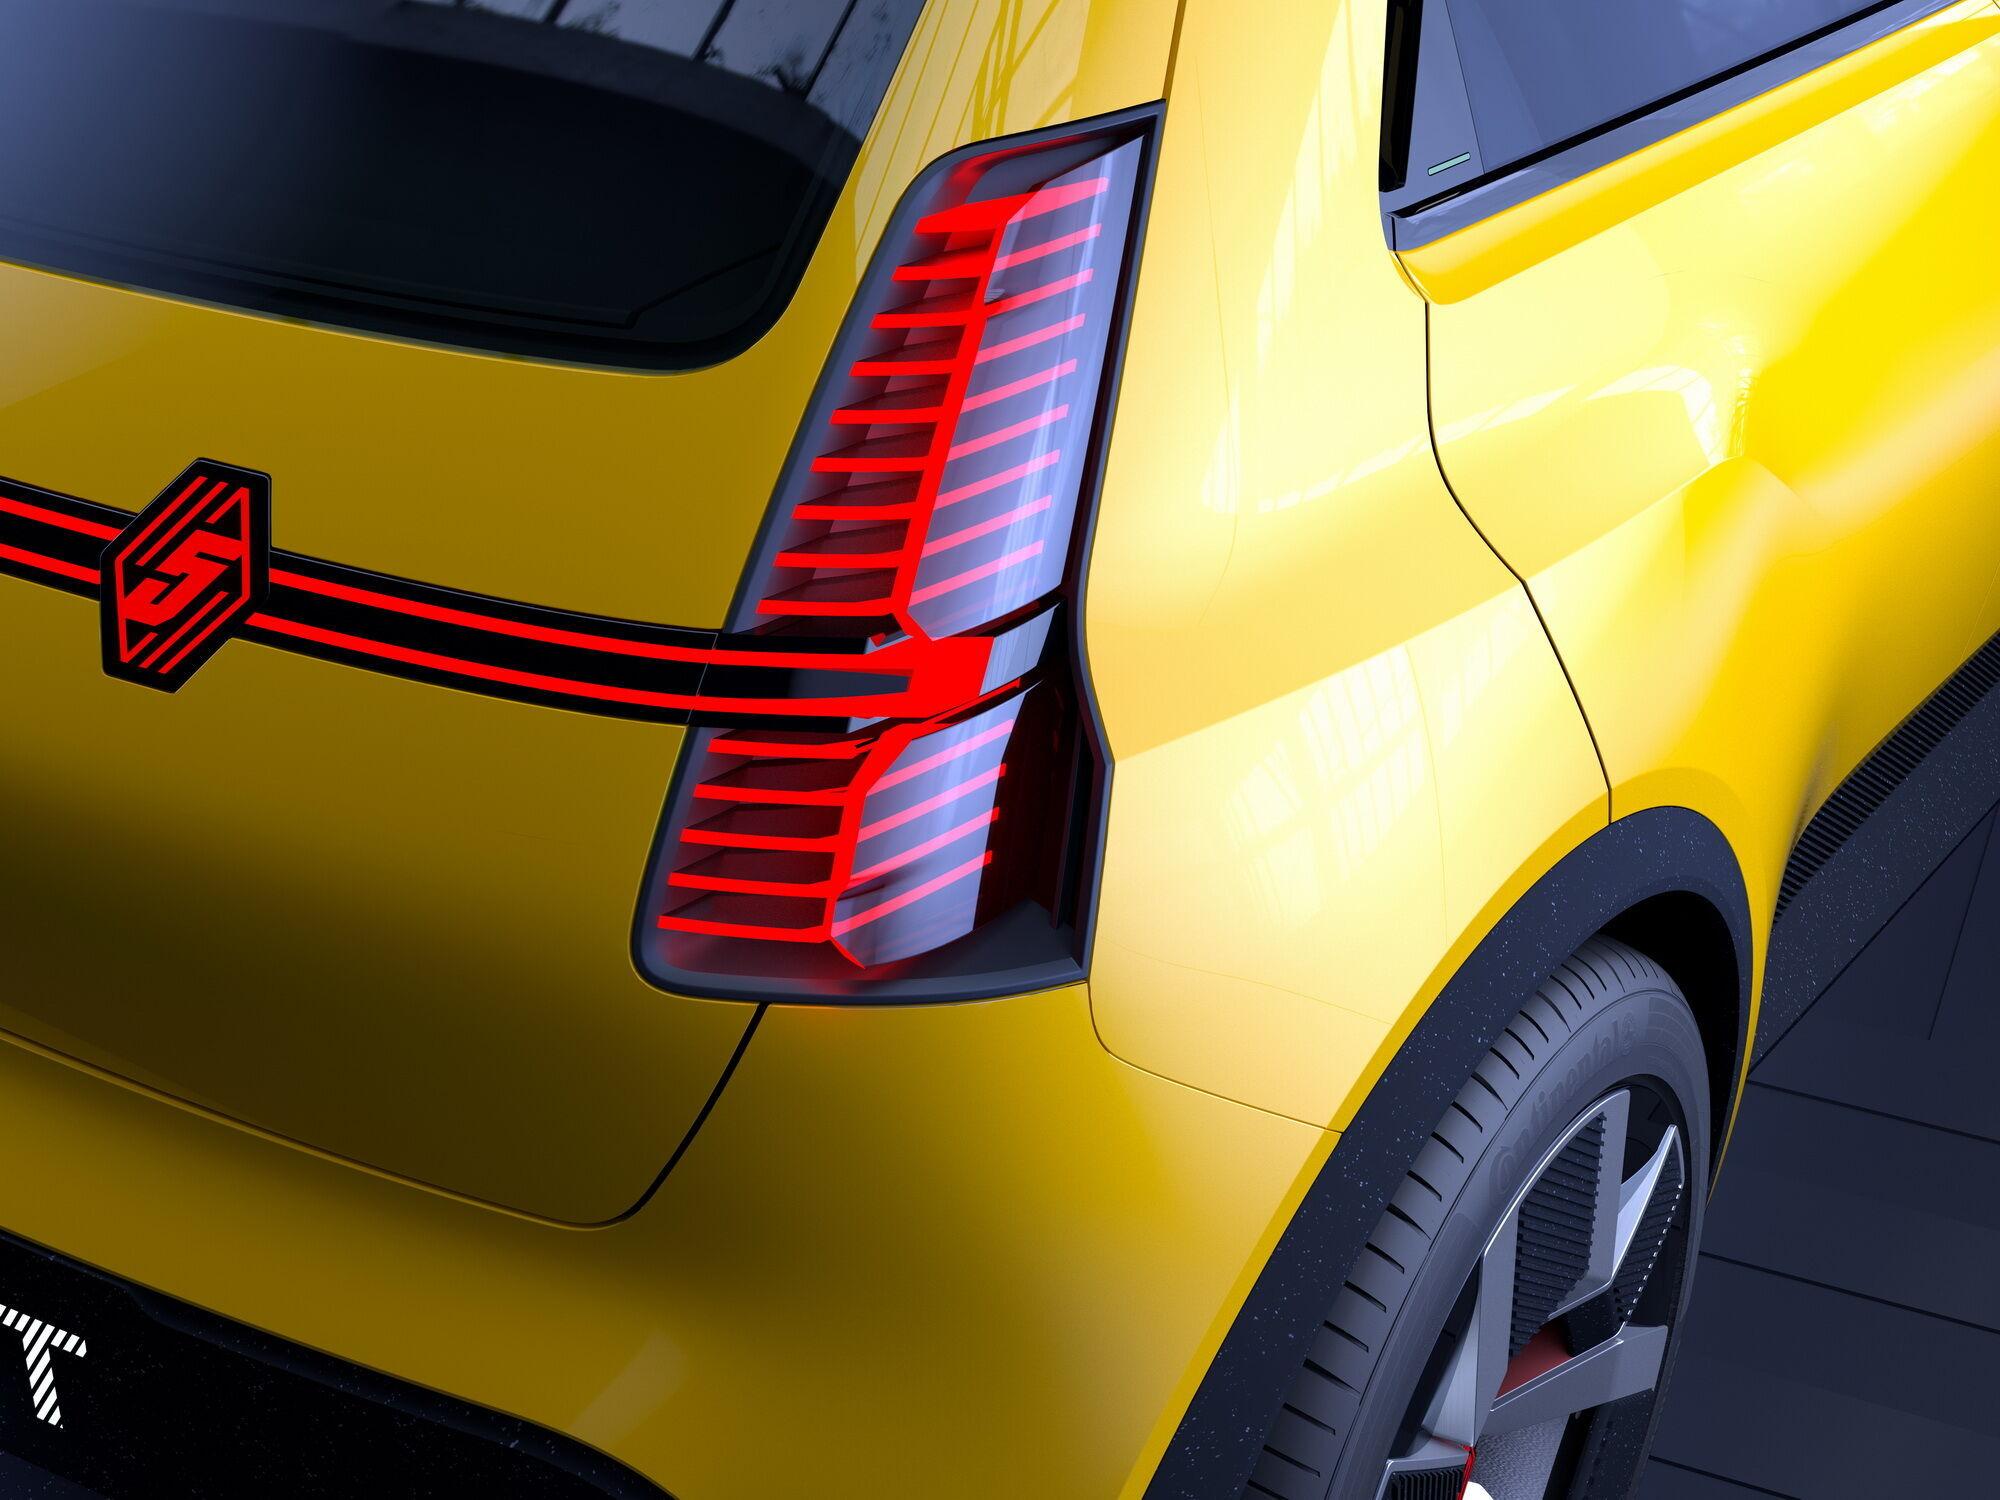 Вписанные в задние стойки светодиодные фонари – отсылка к первому поколению Renault 5